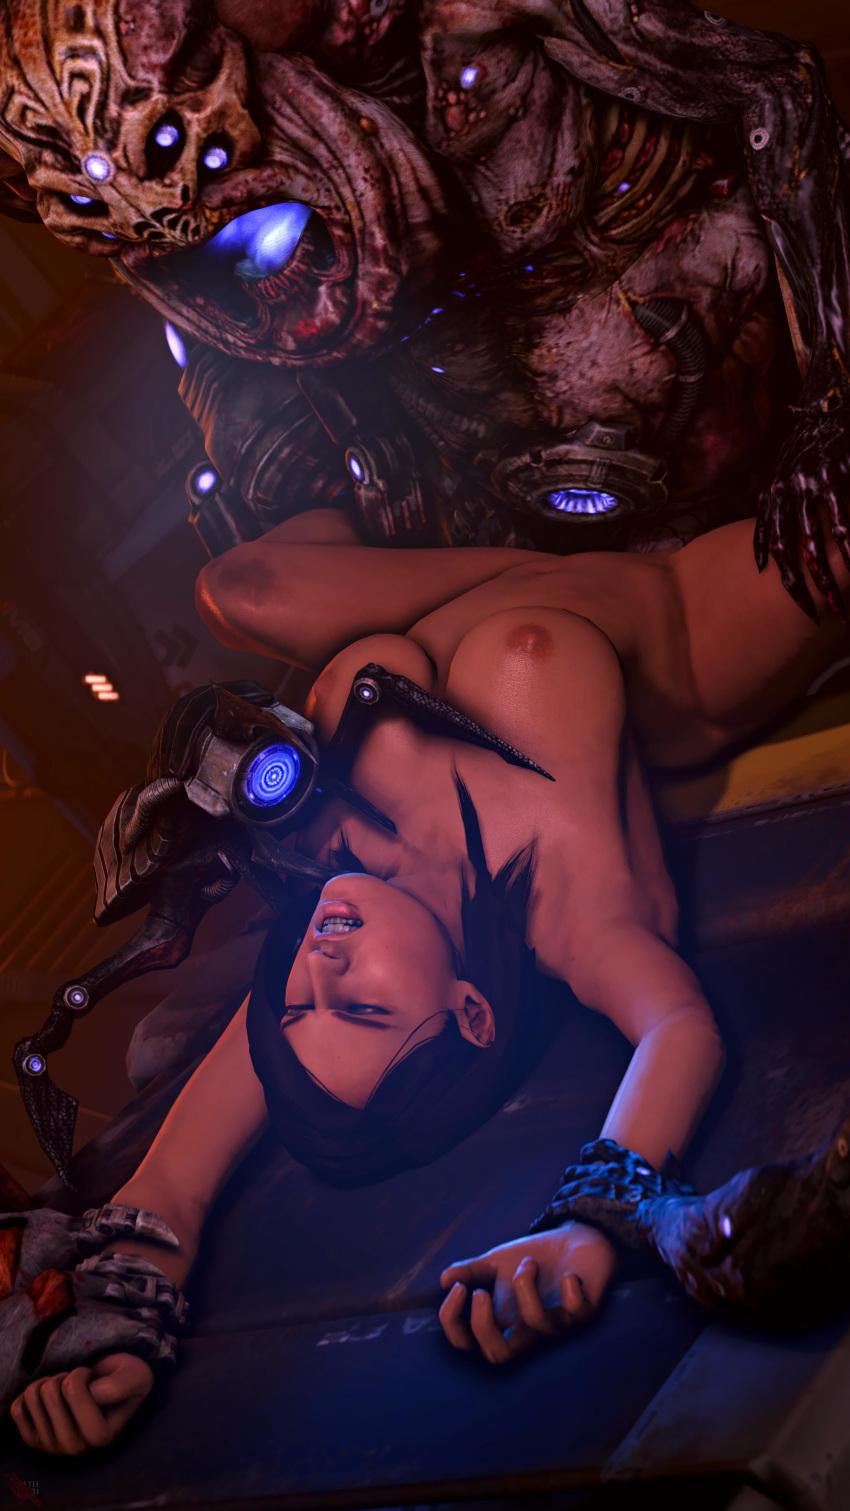 ryder mass effect sara porn No game no life shrine priestess